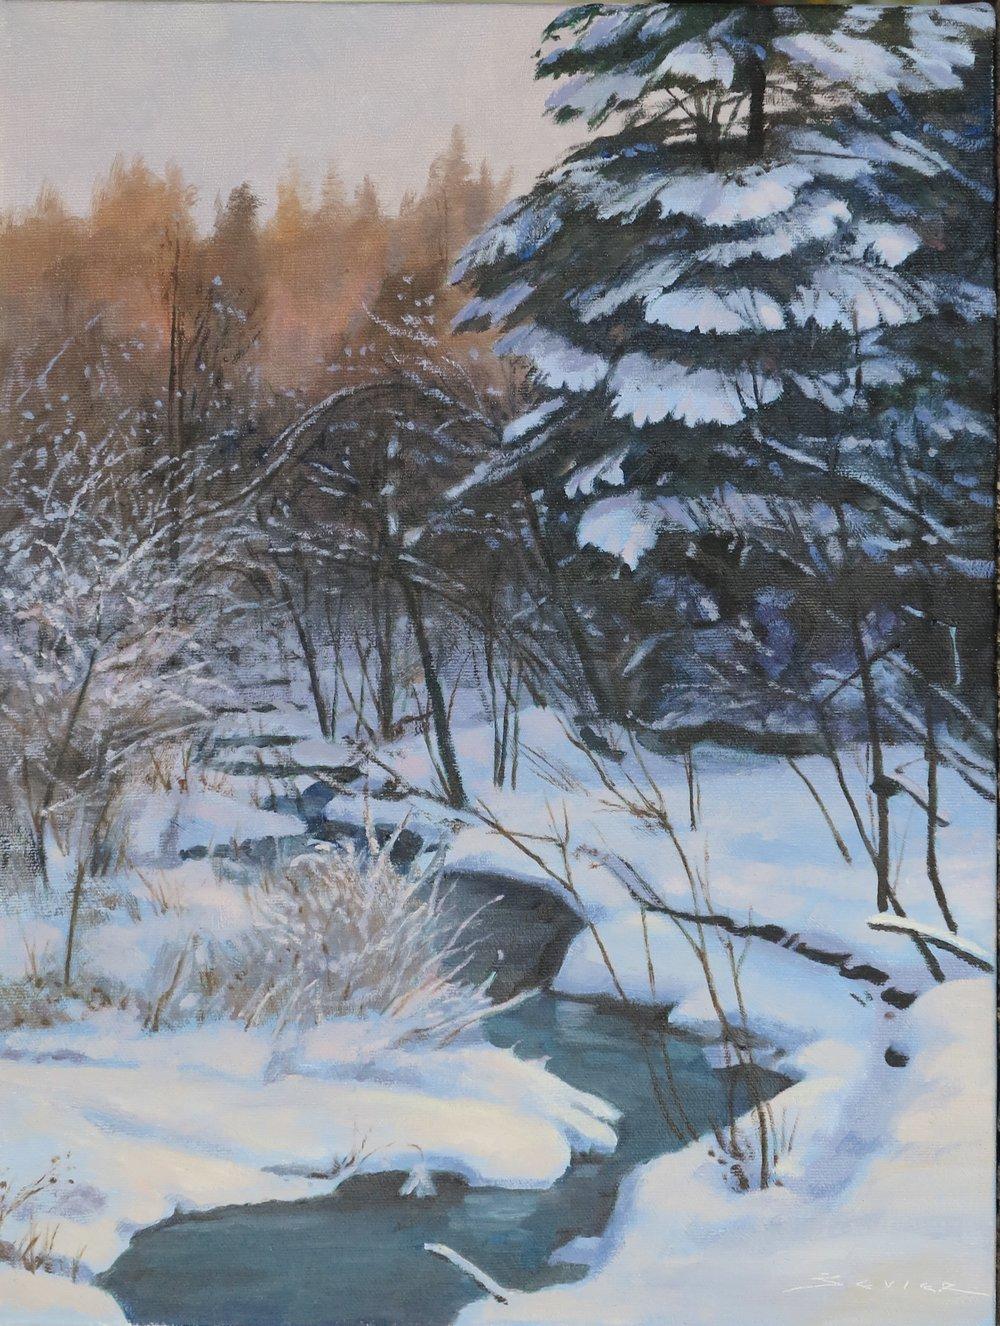 Frosty Morn, 16 x 12, oil